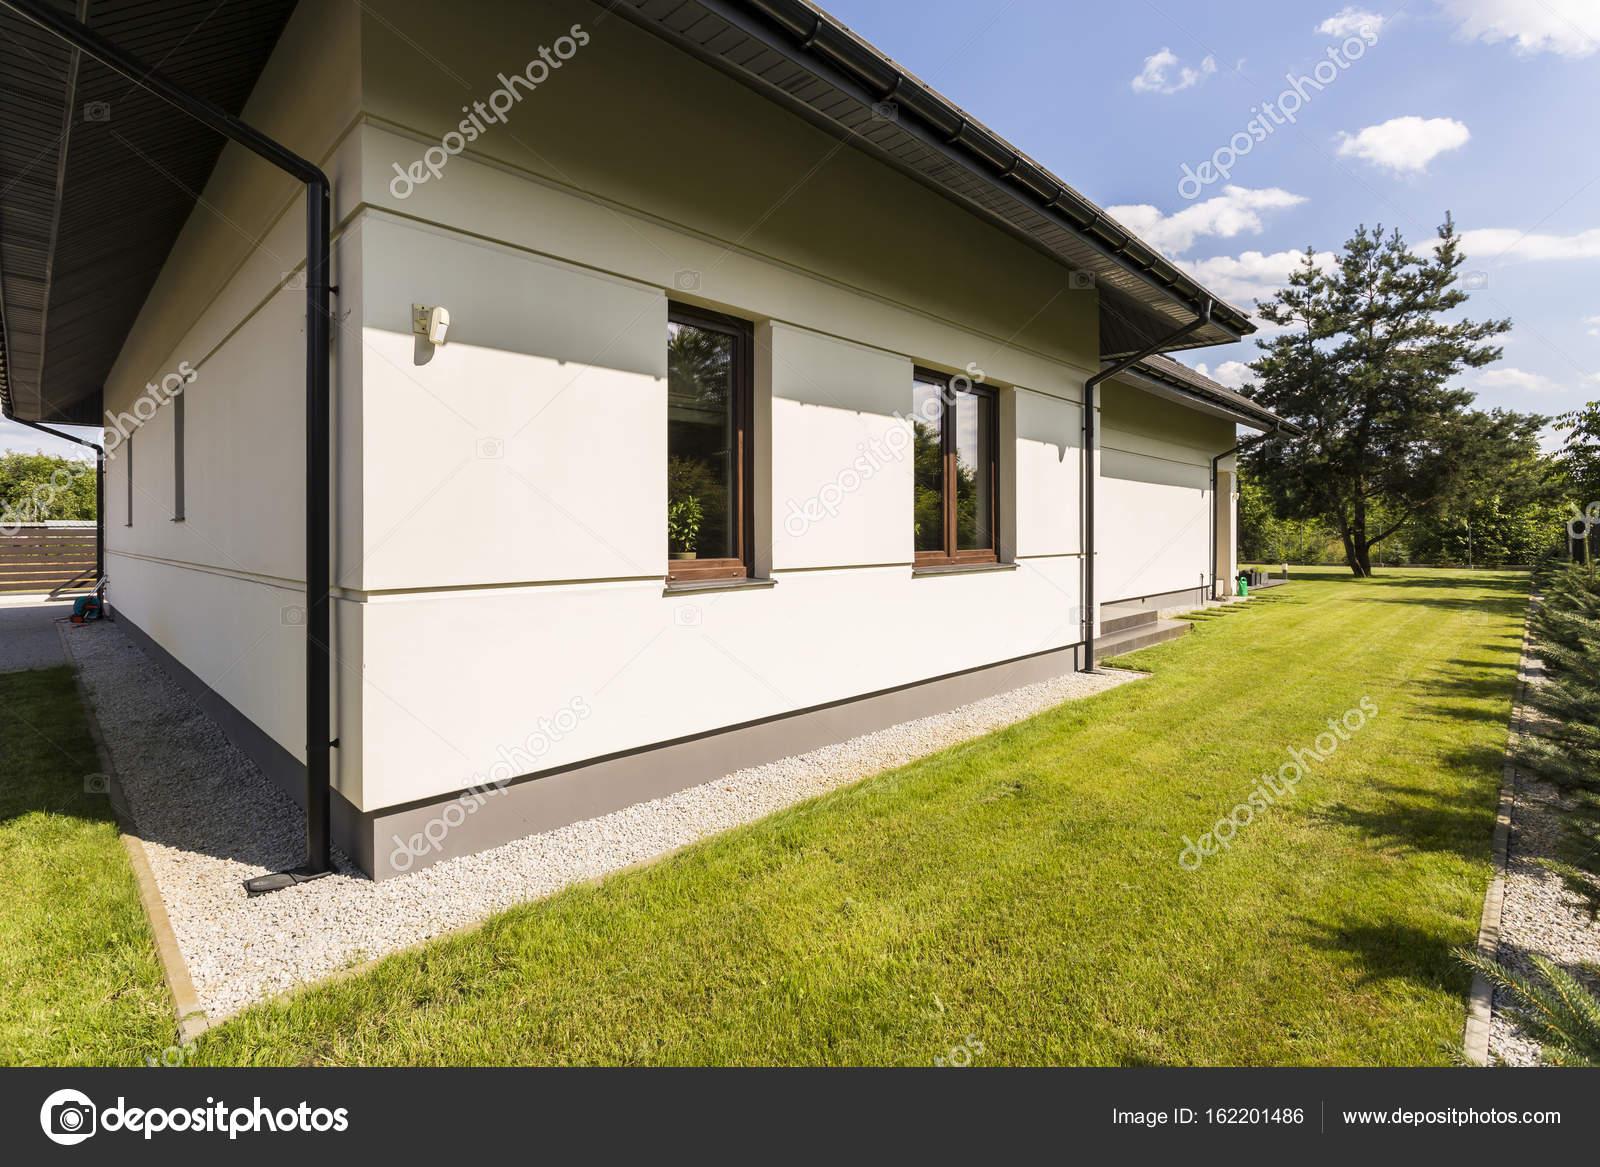 Groot huis buitenkant in moderne stijl u2014 stockfoto © photographee.eu